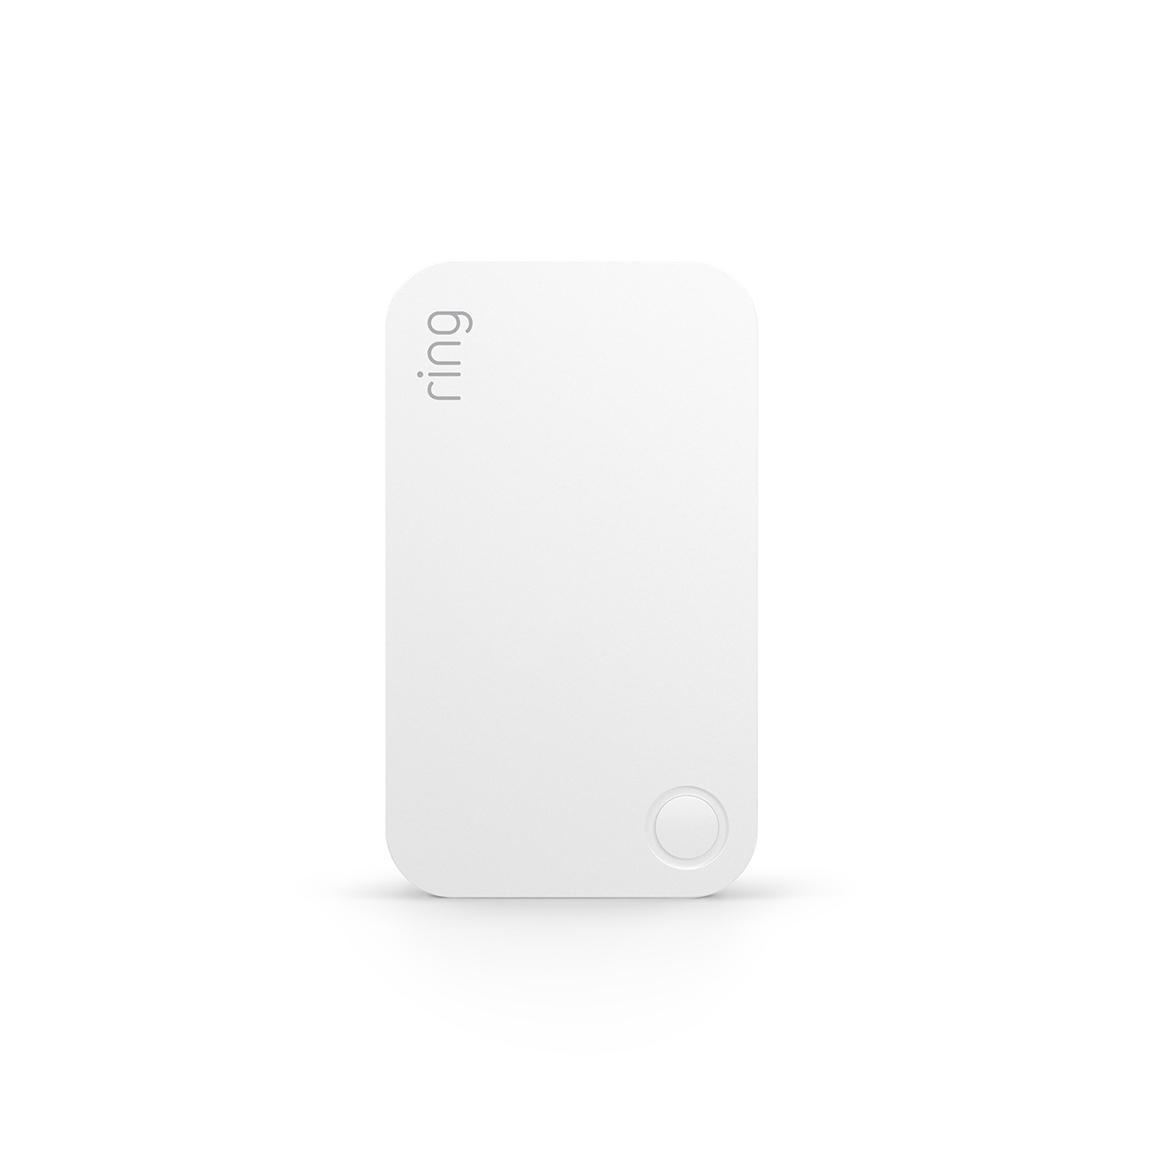 Ring Alarm 2.0 Signalverstärker - weiss